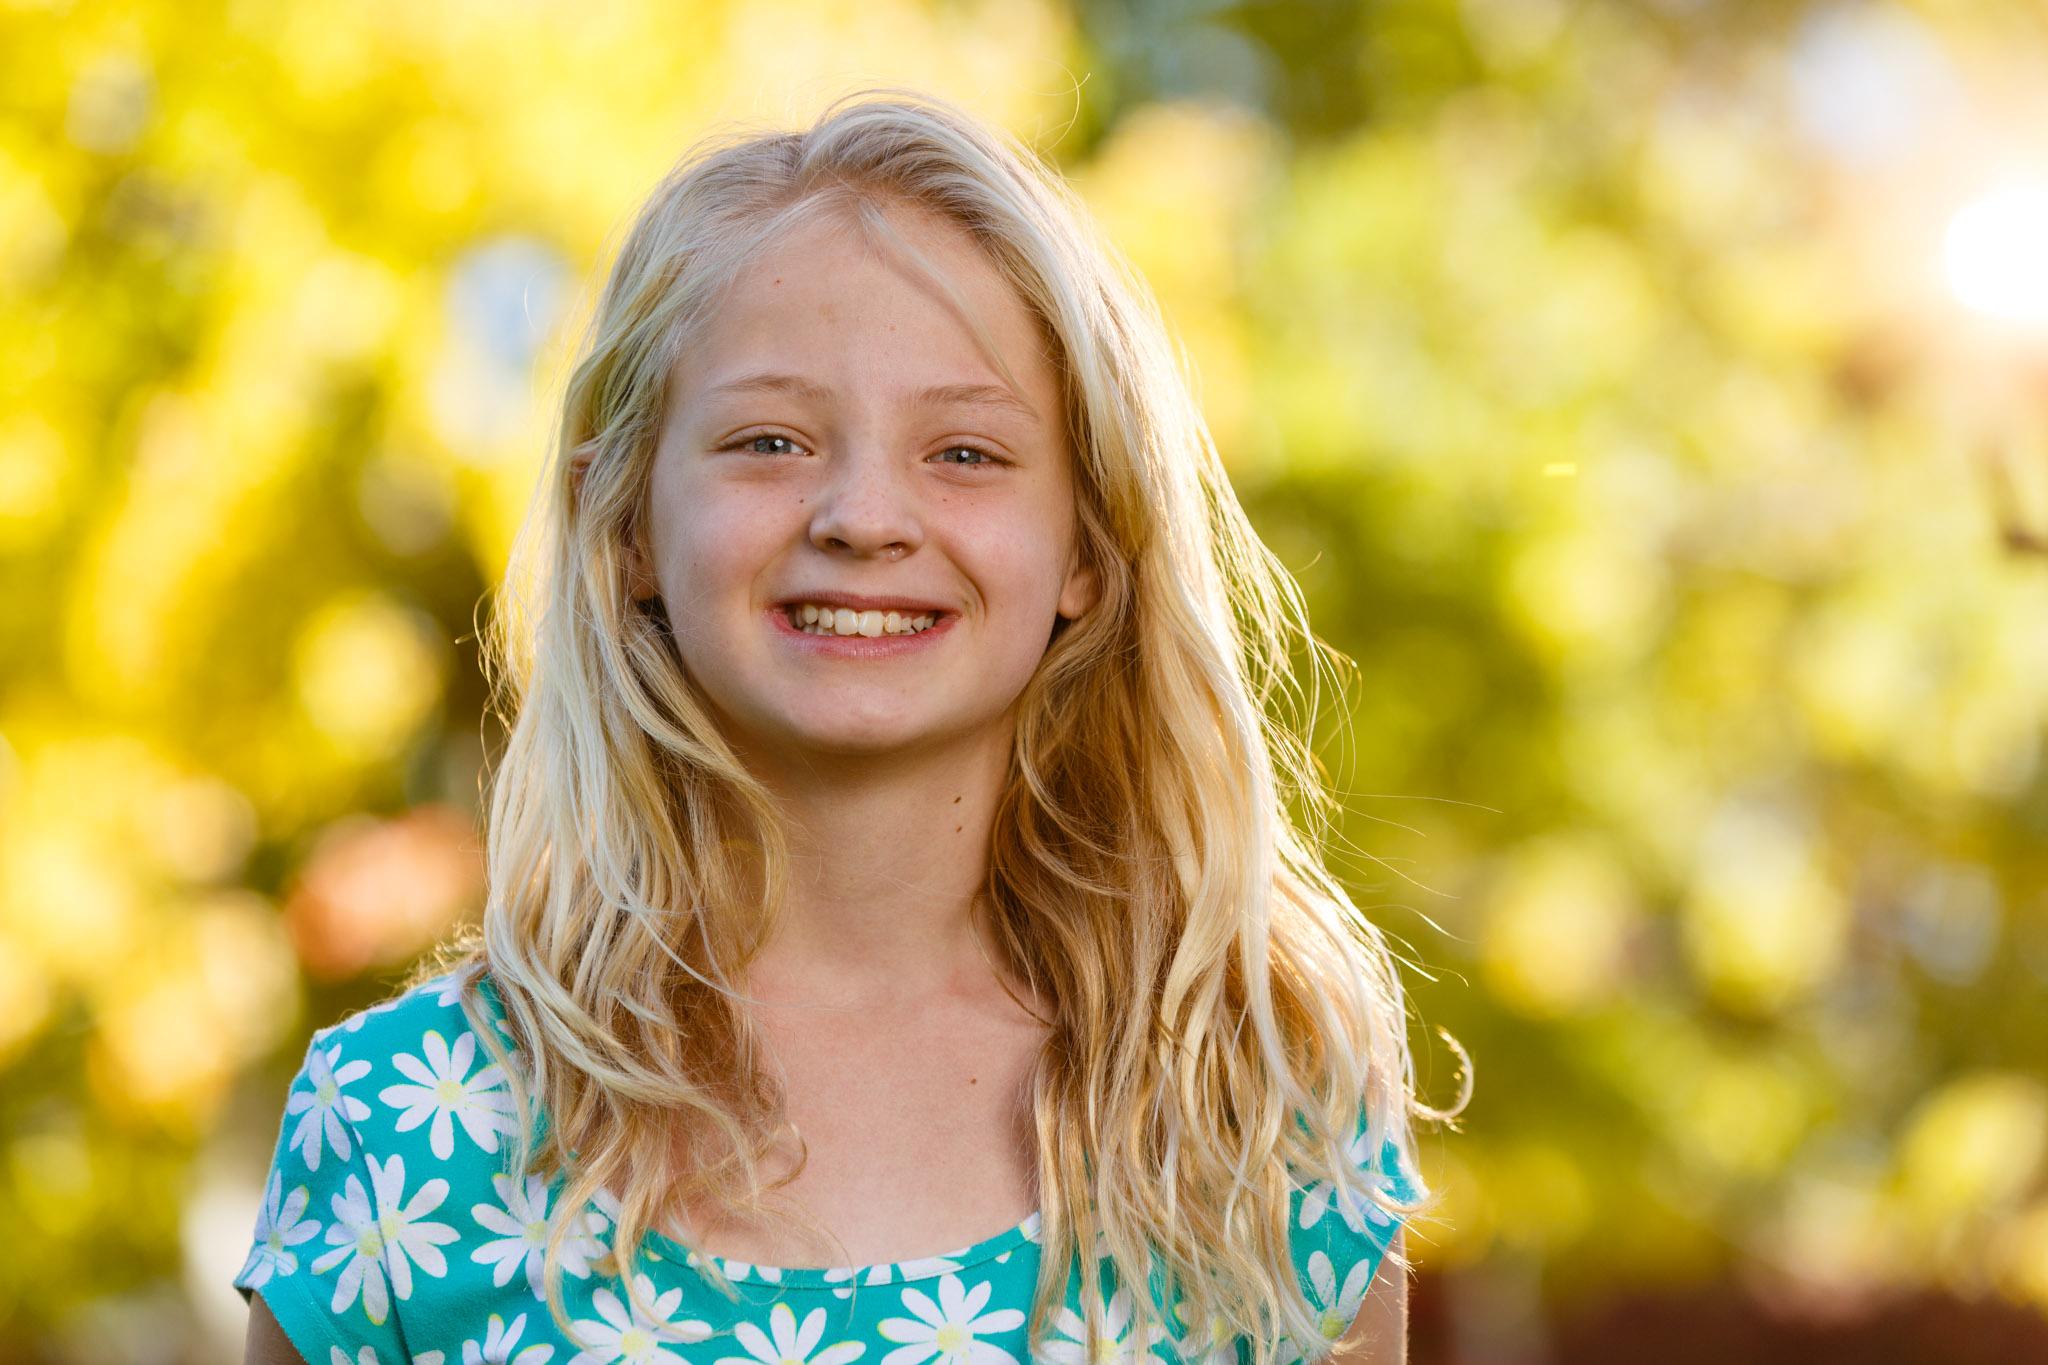 Julianne's portrait in Autumn